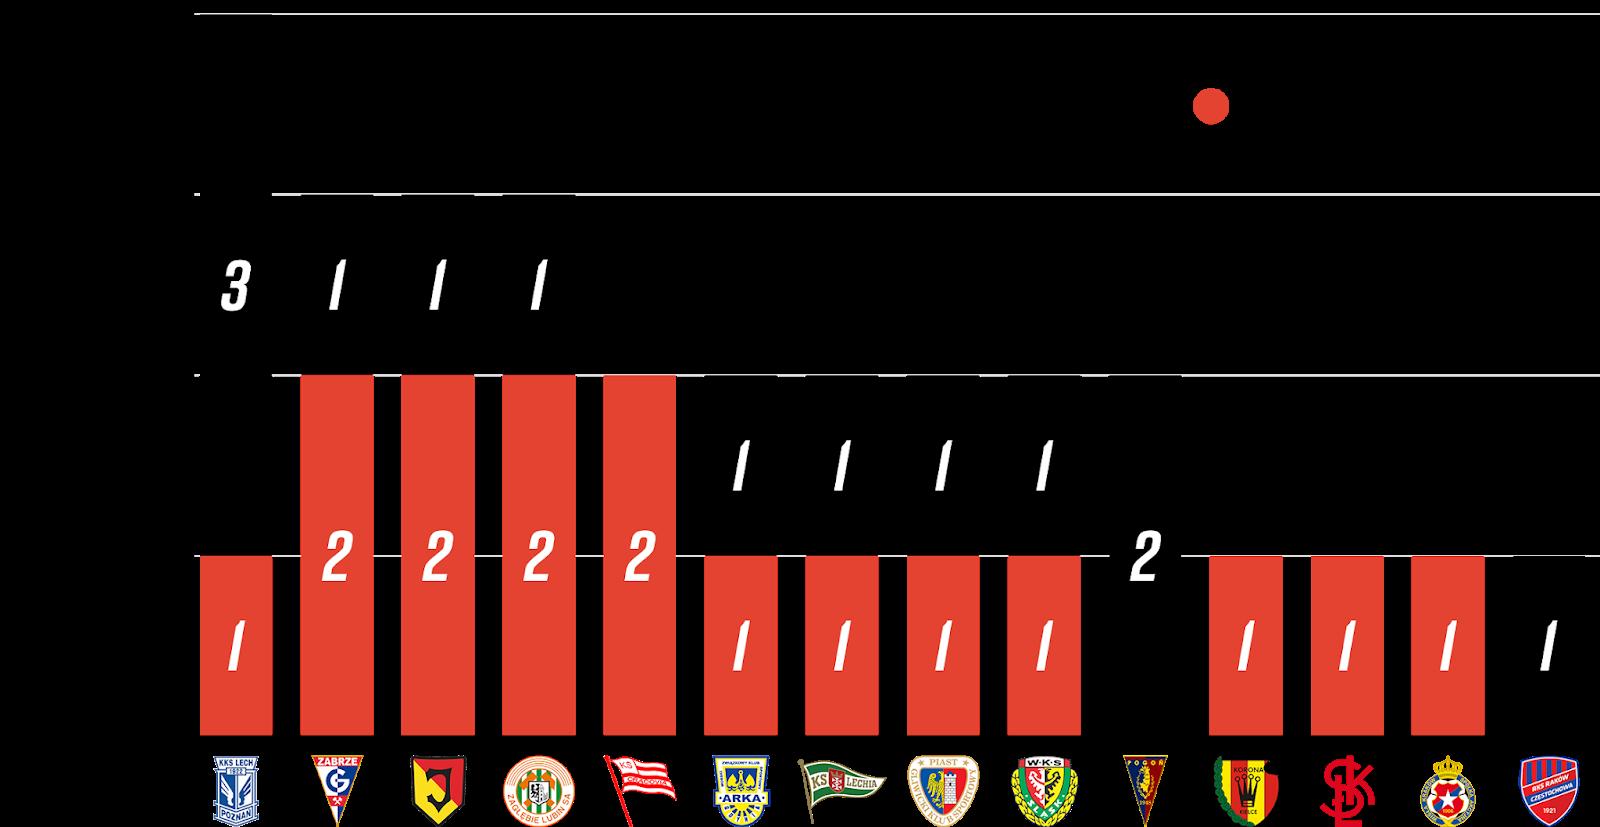 Młodzieżowcy w 4. kolejce PKO Ekstraklasy<br><br>Źródło: Opracowanie własne na podstawie 90minut.pl<br><br>graf. Bartosz Urban